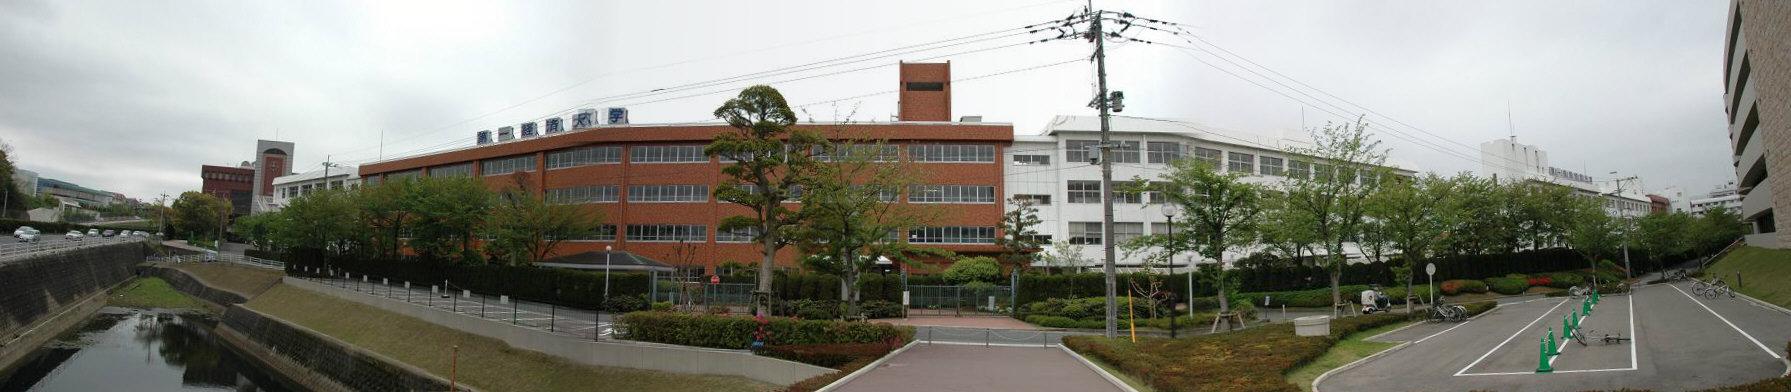 日本経済大学・保育短大・福祉大学_a0042310_20233874.jpg